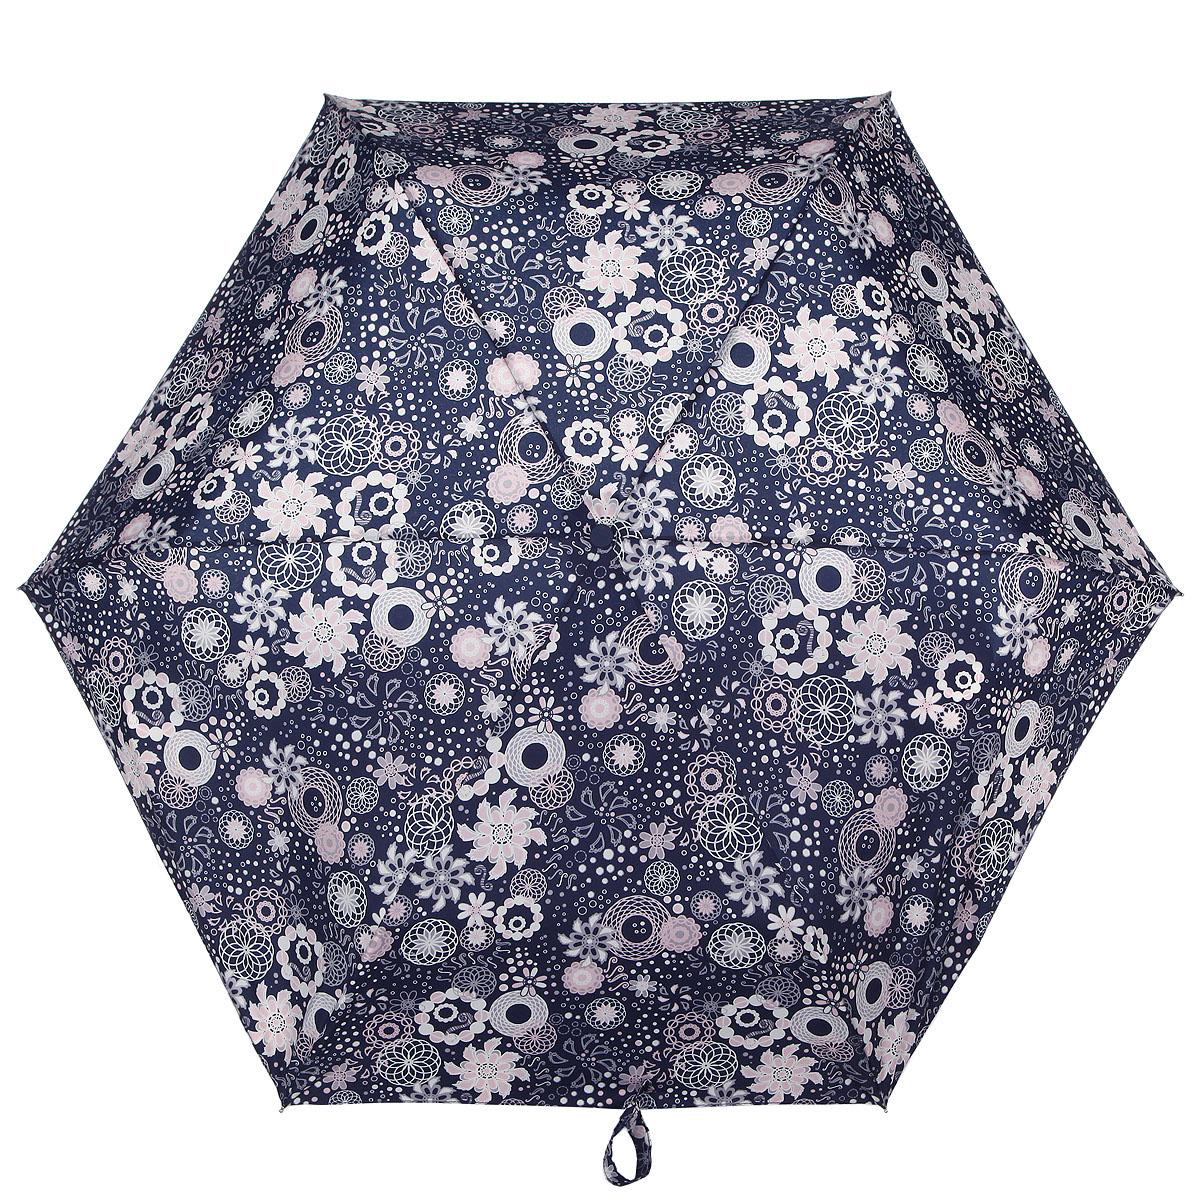 Зонт женский Fulton Superslim-2 Round. Spirograph, механический, 3 сложения, цвет: темно-синий, розовый, белый. L553-2823L553-2823Очаровательный механический зонт Superslim-2 Round. Spirograph в 3 сложения изготовлен из высокопрочных материалов. Каркас зонта состоит из 6 спиц и прочного алюминиевого стержня. Купол зонта выполнен из прочного полиэстера с водоотталкивающей пропиткой и оформлен изображением в виде цветов. Рукоятка изготовлена из пластика. Зонт имеет механический механизм сложения: купол открывается и закрывается вручную до характерного щелчка. Небольшой шнурок, расположенный на рукоятке, позволяет надеть изделие на руку при необходимости. Модель закрывается при помощи хлястика на застежку-липучку. К зонту прилагается чехол. Прелестный зонт не только выручит вас в ненастную погоду, но и станет стильным аксессуаром, который прекрасно дополнит ваш модный образ.